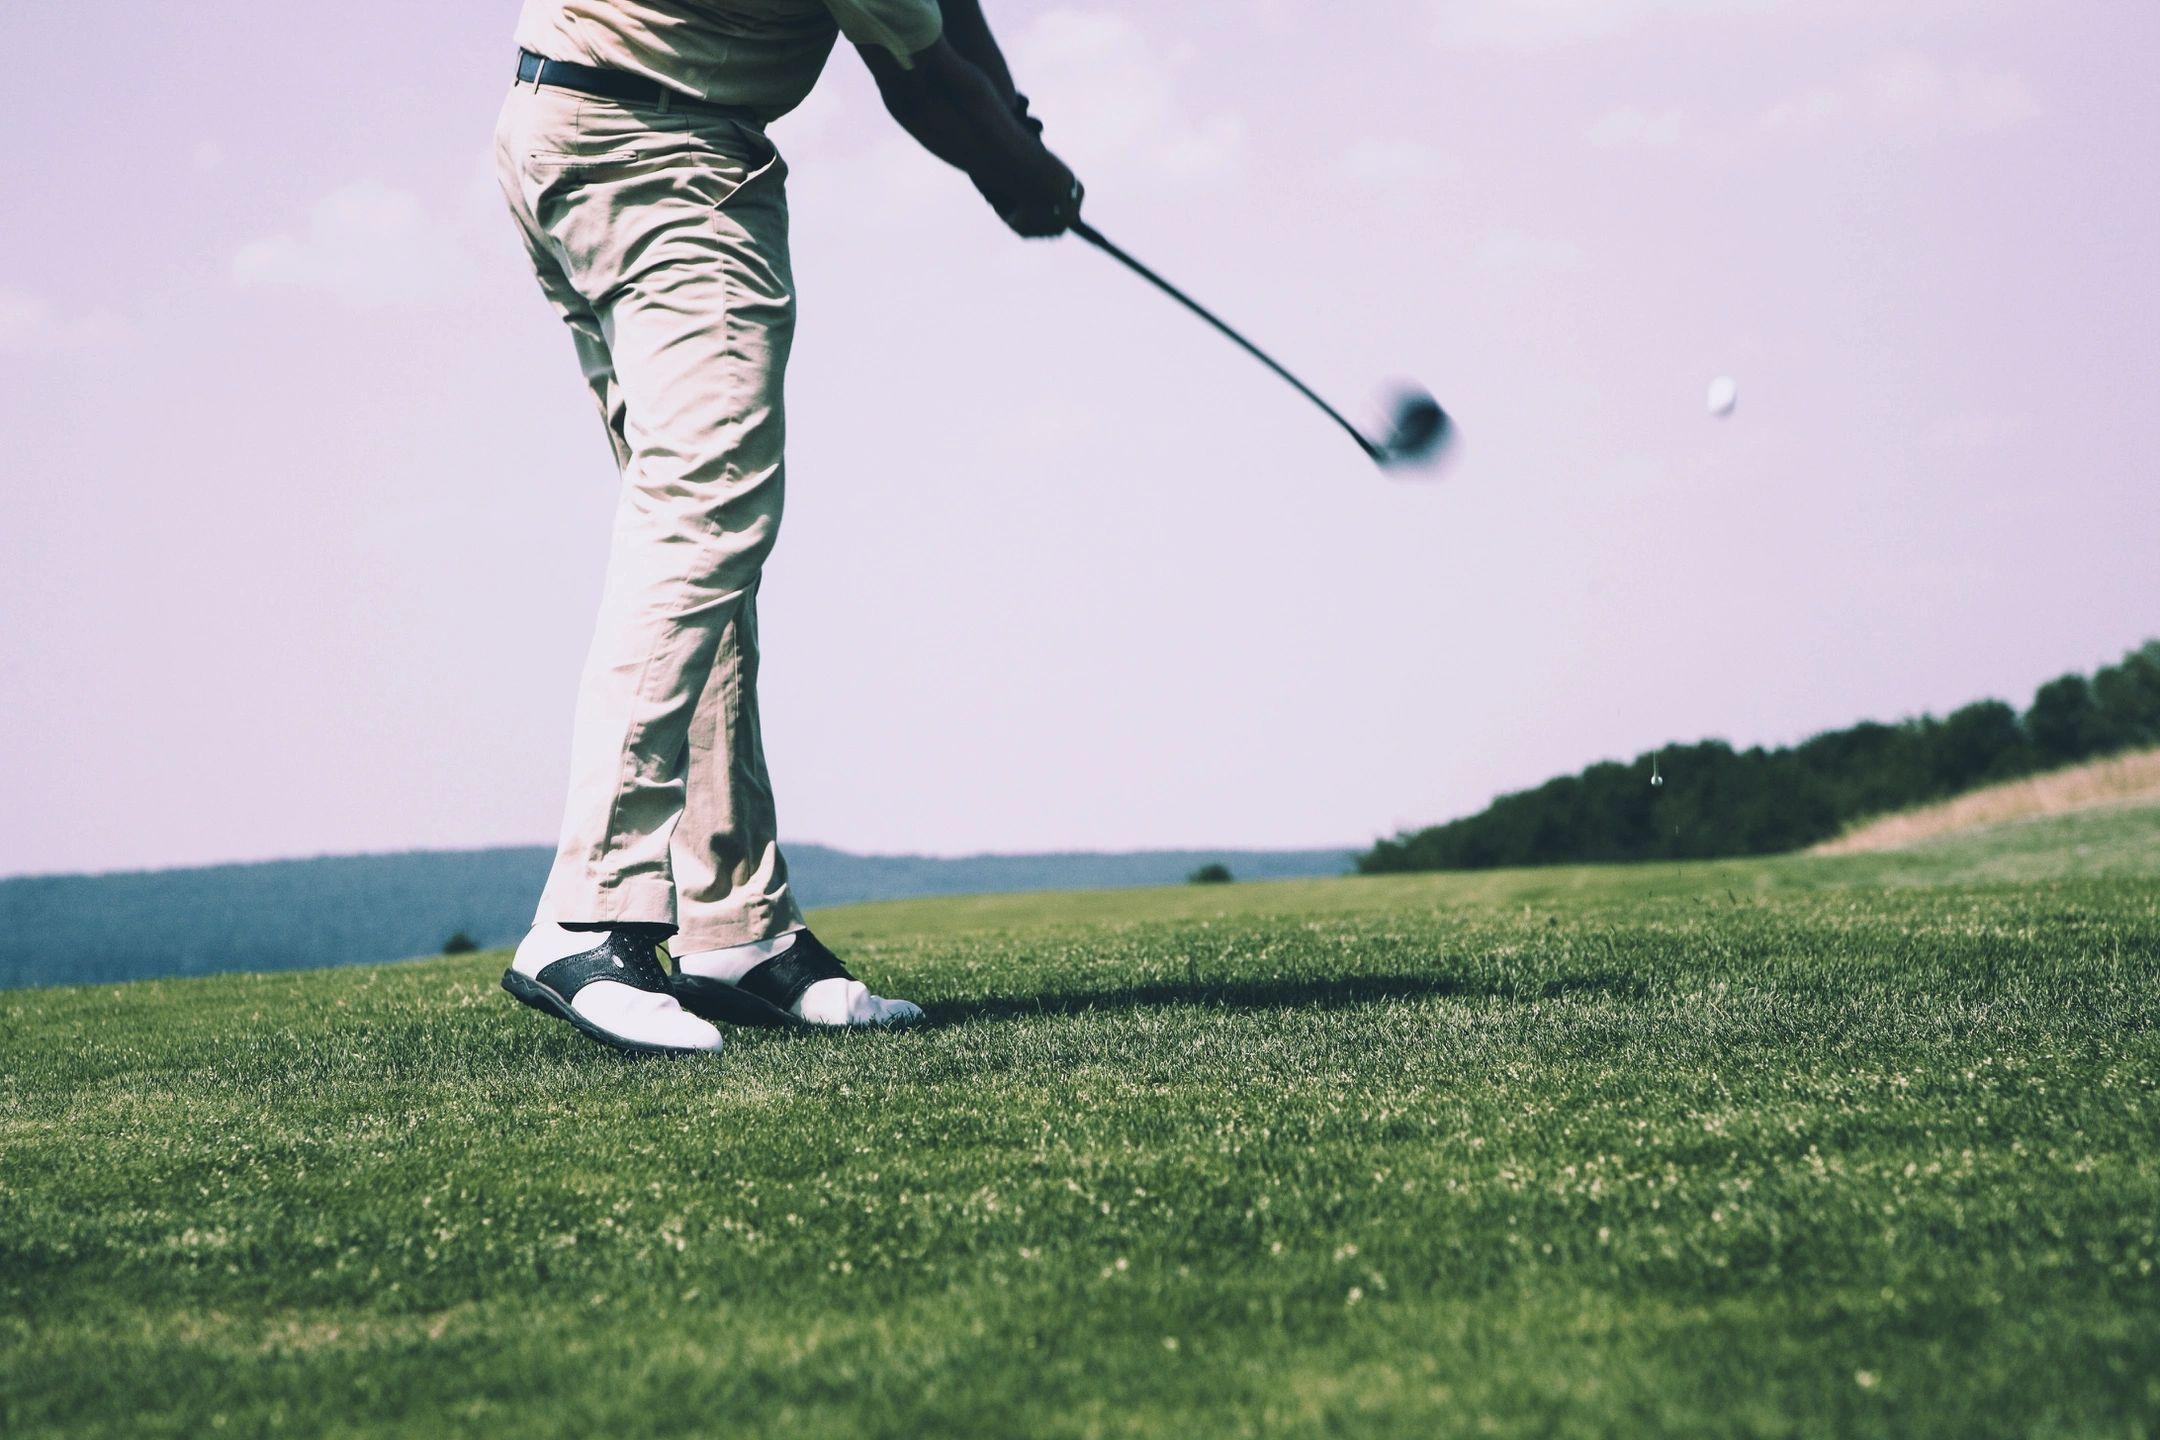 Lone Pine Golf Club, LLC